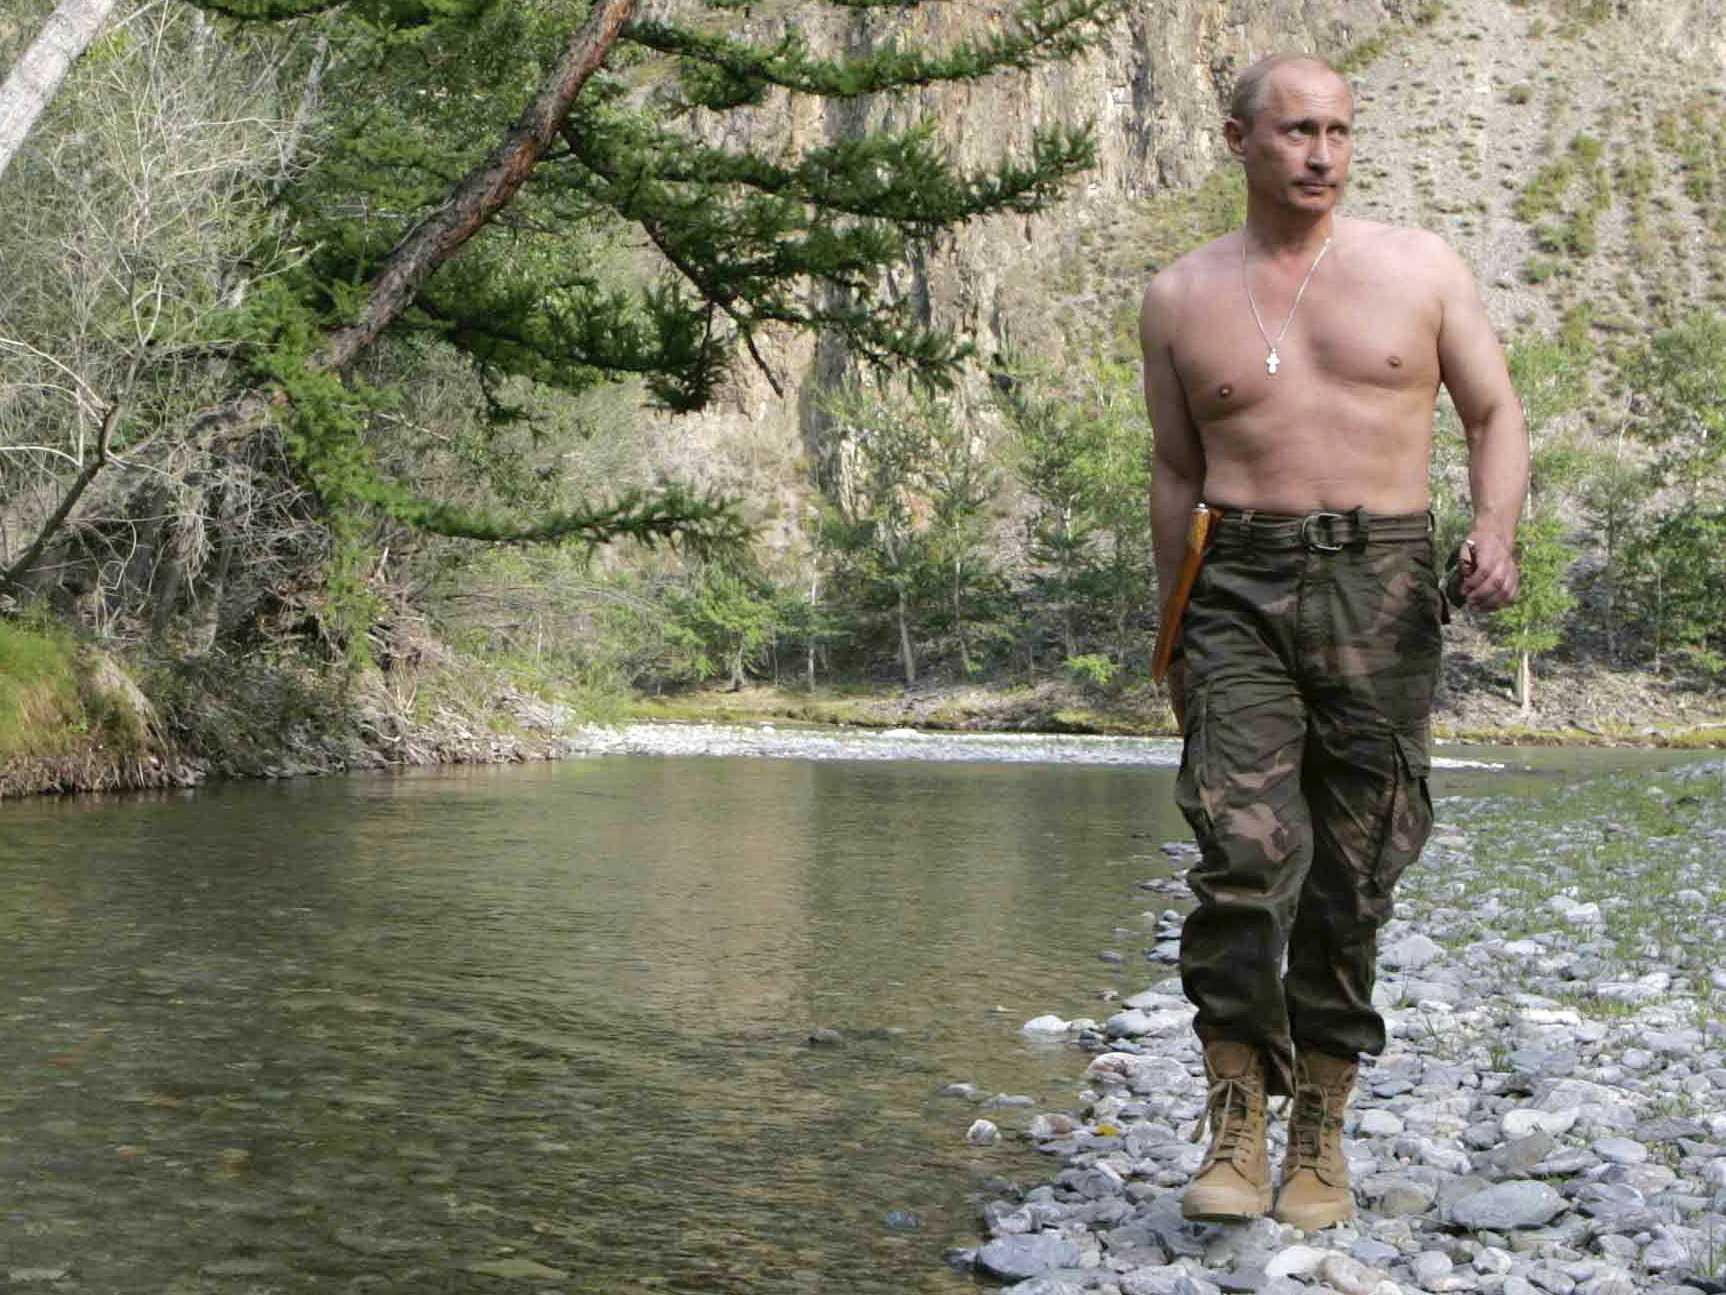 نشریه فوربس اعلام کرد:پوتین همچنان قدرتمند ترین مرد جهان است